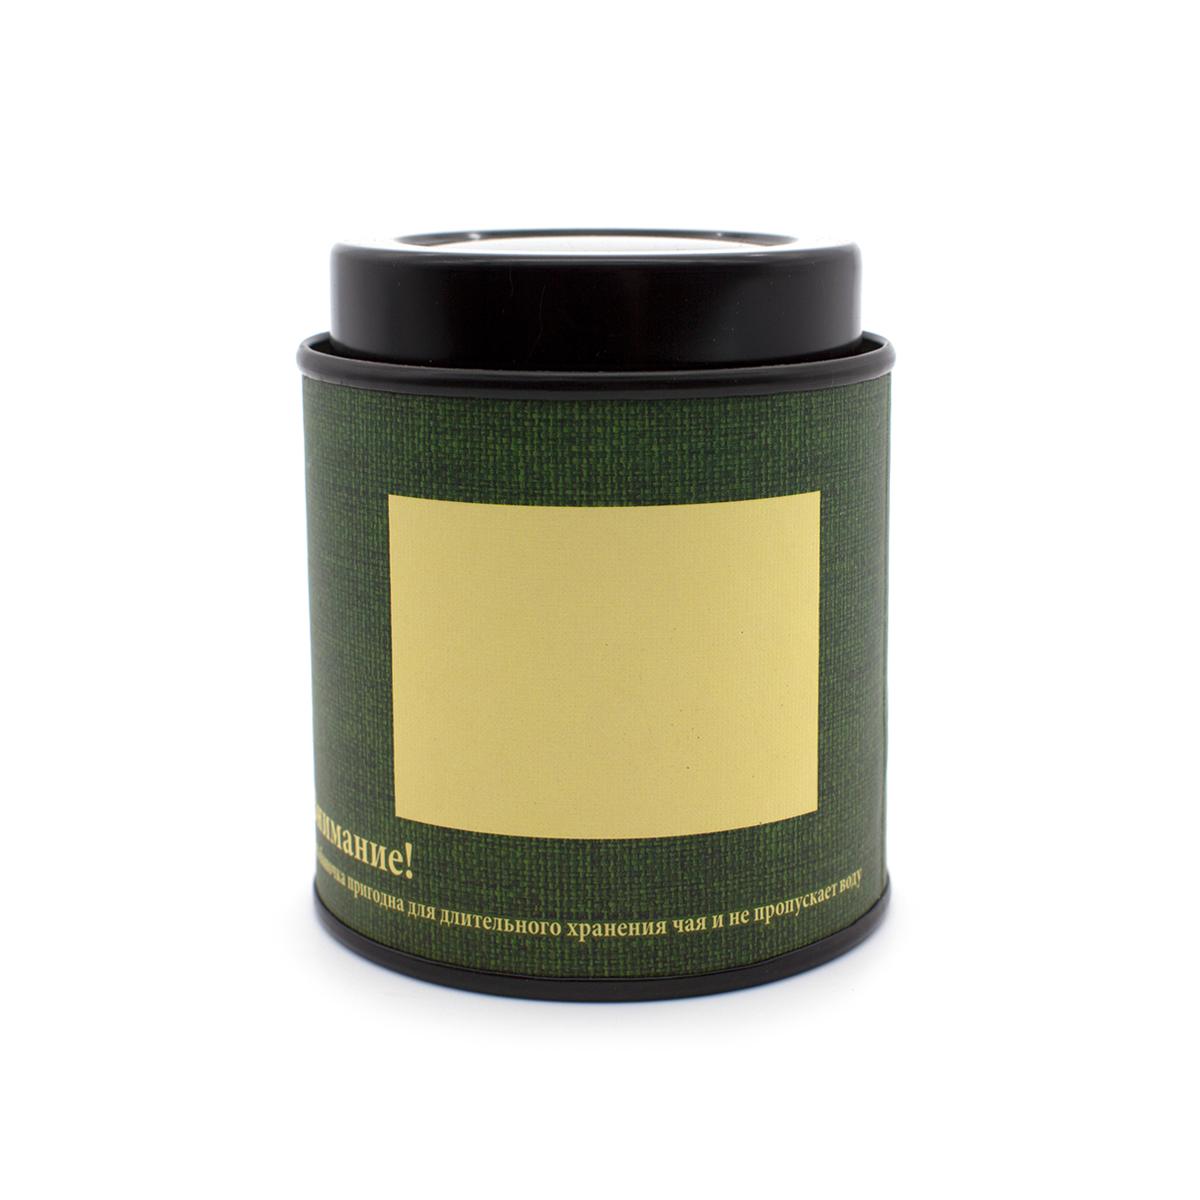 Купить со скидкой Банка картонная темно-зеленая для хранения чая 77*90 (уцененный товар)